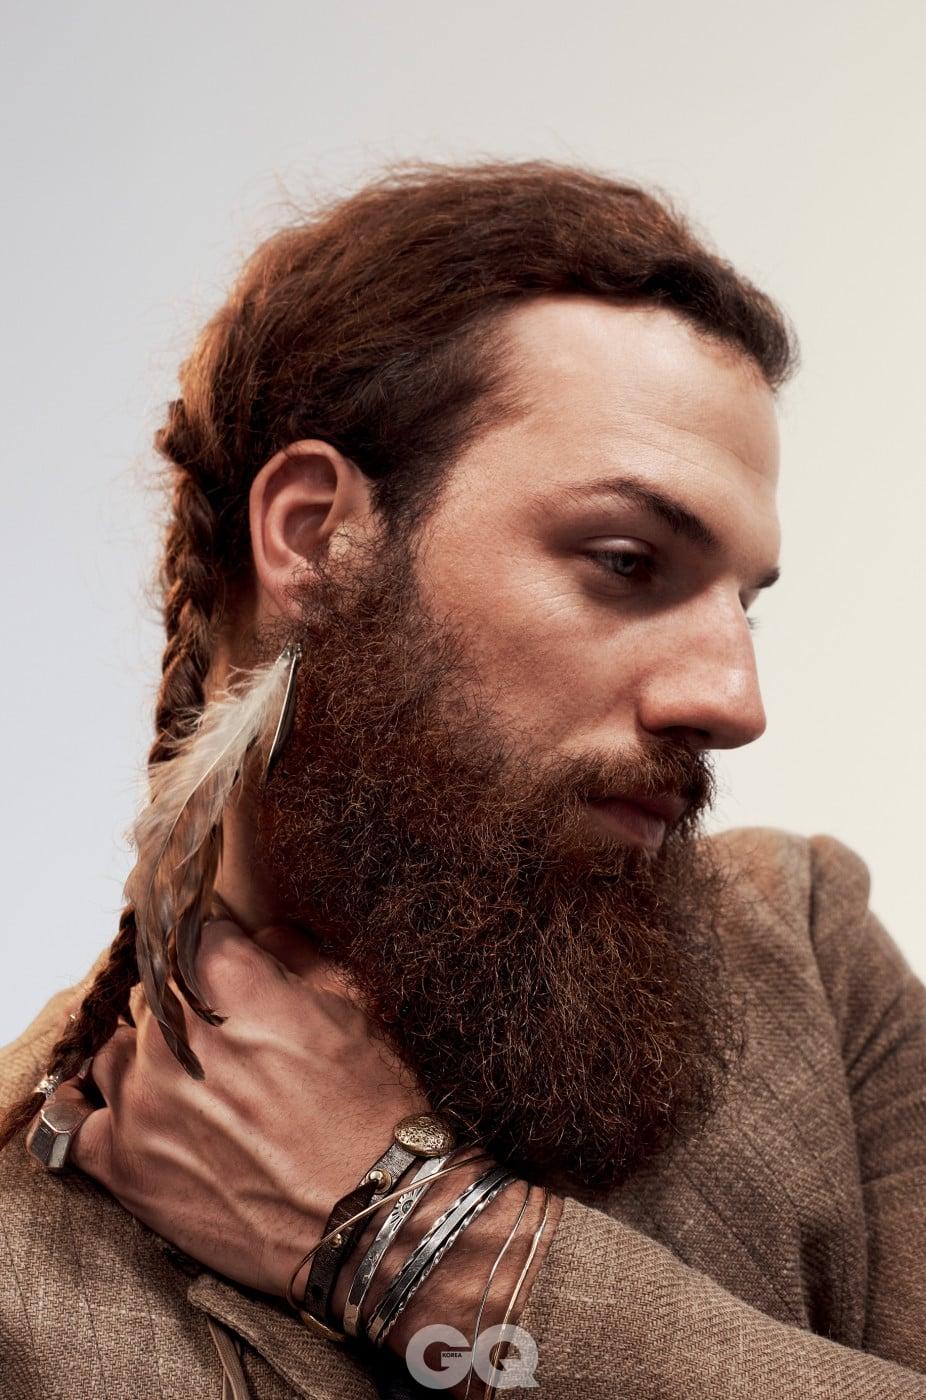 필 설리반 모델, 뉴욕 홈리스 아웃리치 프로젝트 창립자 재킷 $1,398, 존 바바토스. 액세서리는 모델의 것.